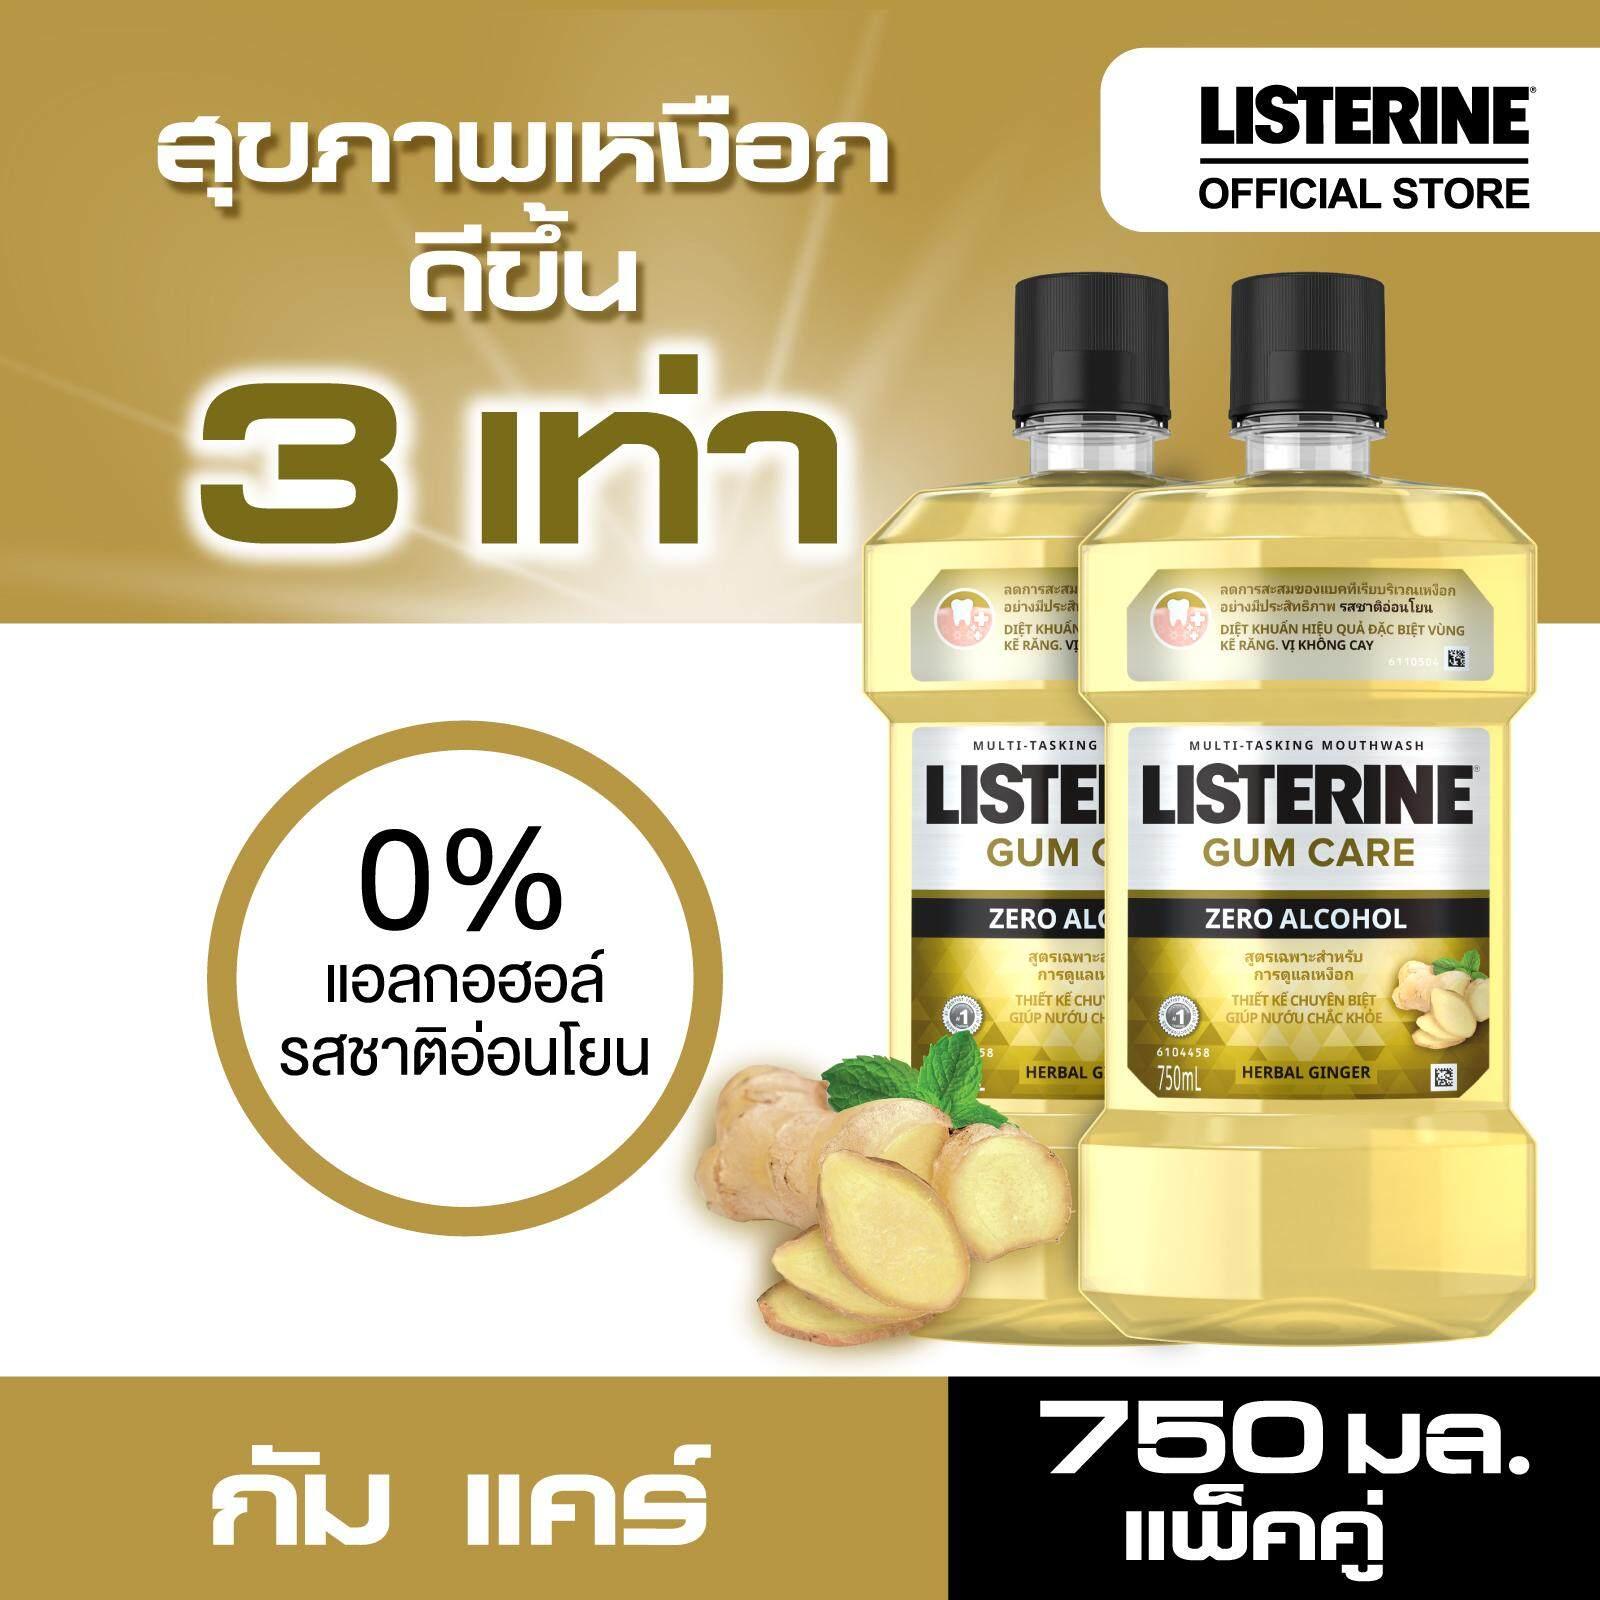 ลิสเตอรีน น้ำยาบ้วนปาก กัมแคร์ 750มล. แพ็คคู่ Listerine Mouthwash Gum Care 750ml.x2.